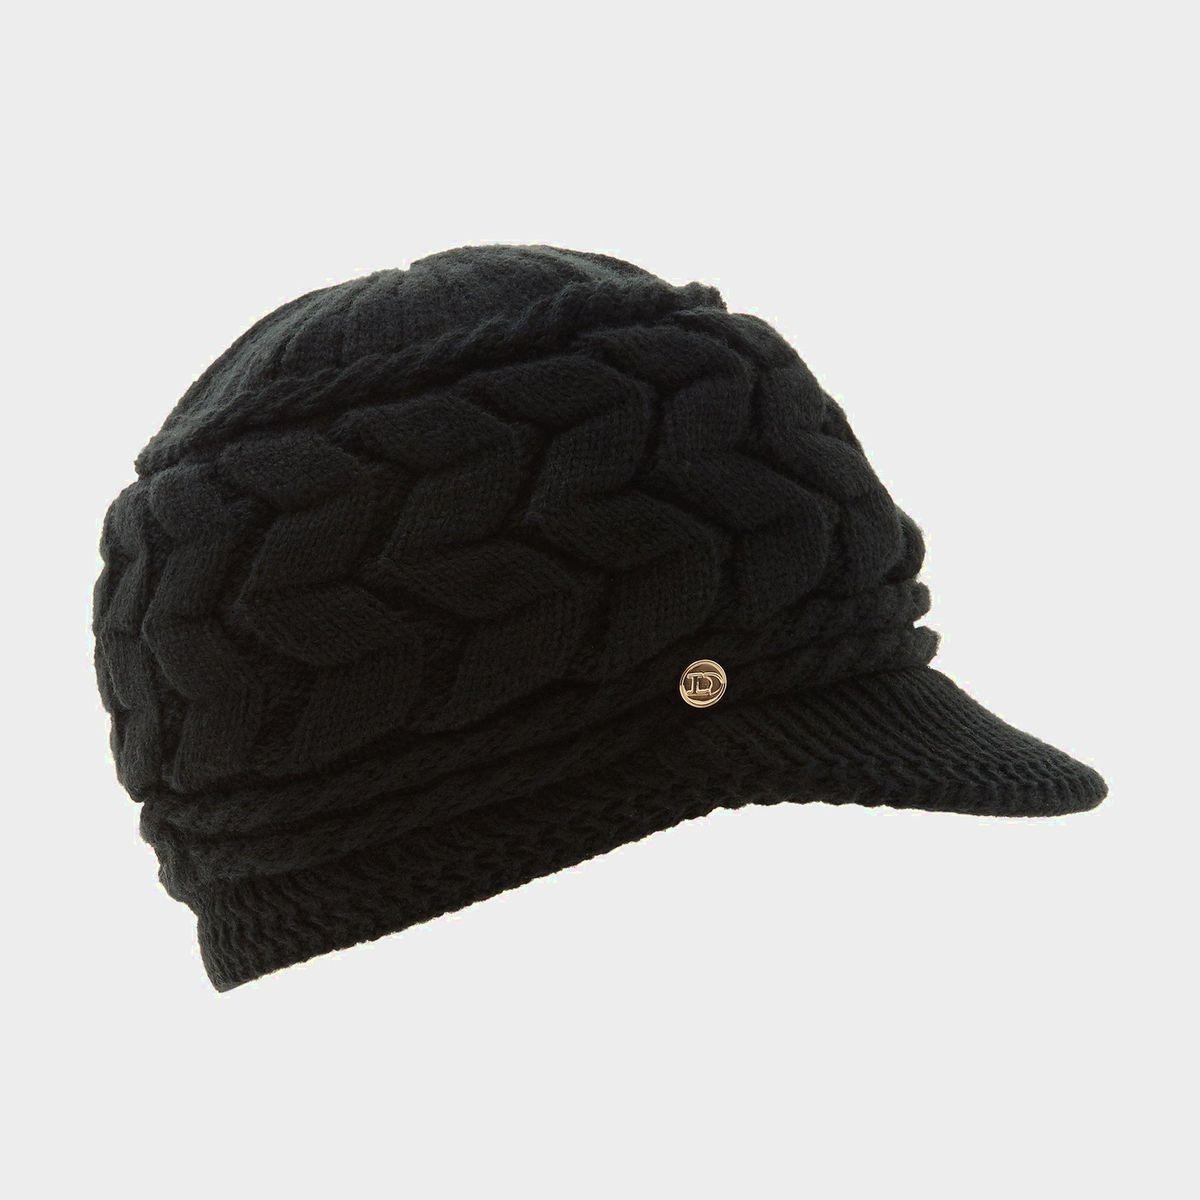 Bonnet en maille avec visière plate - FARREN